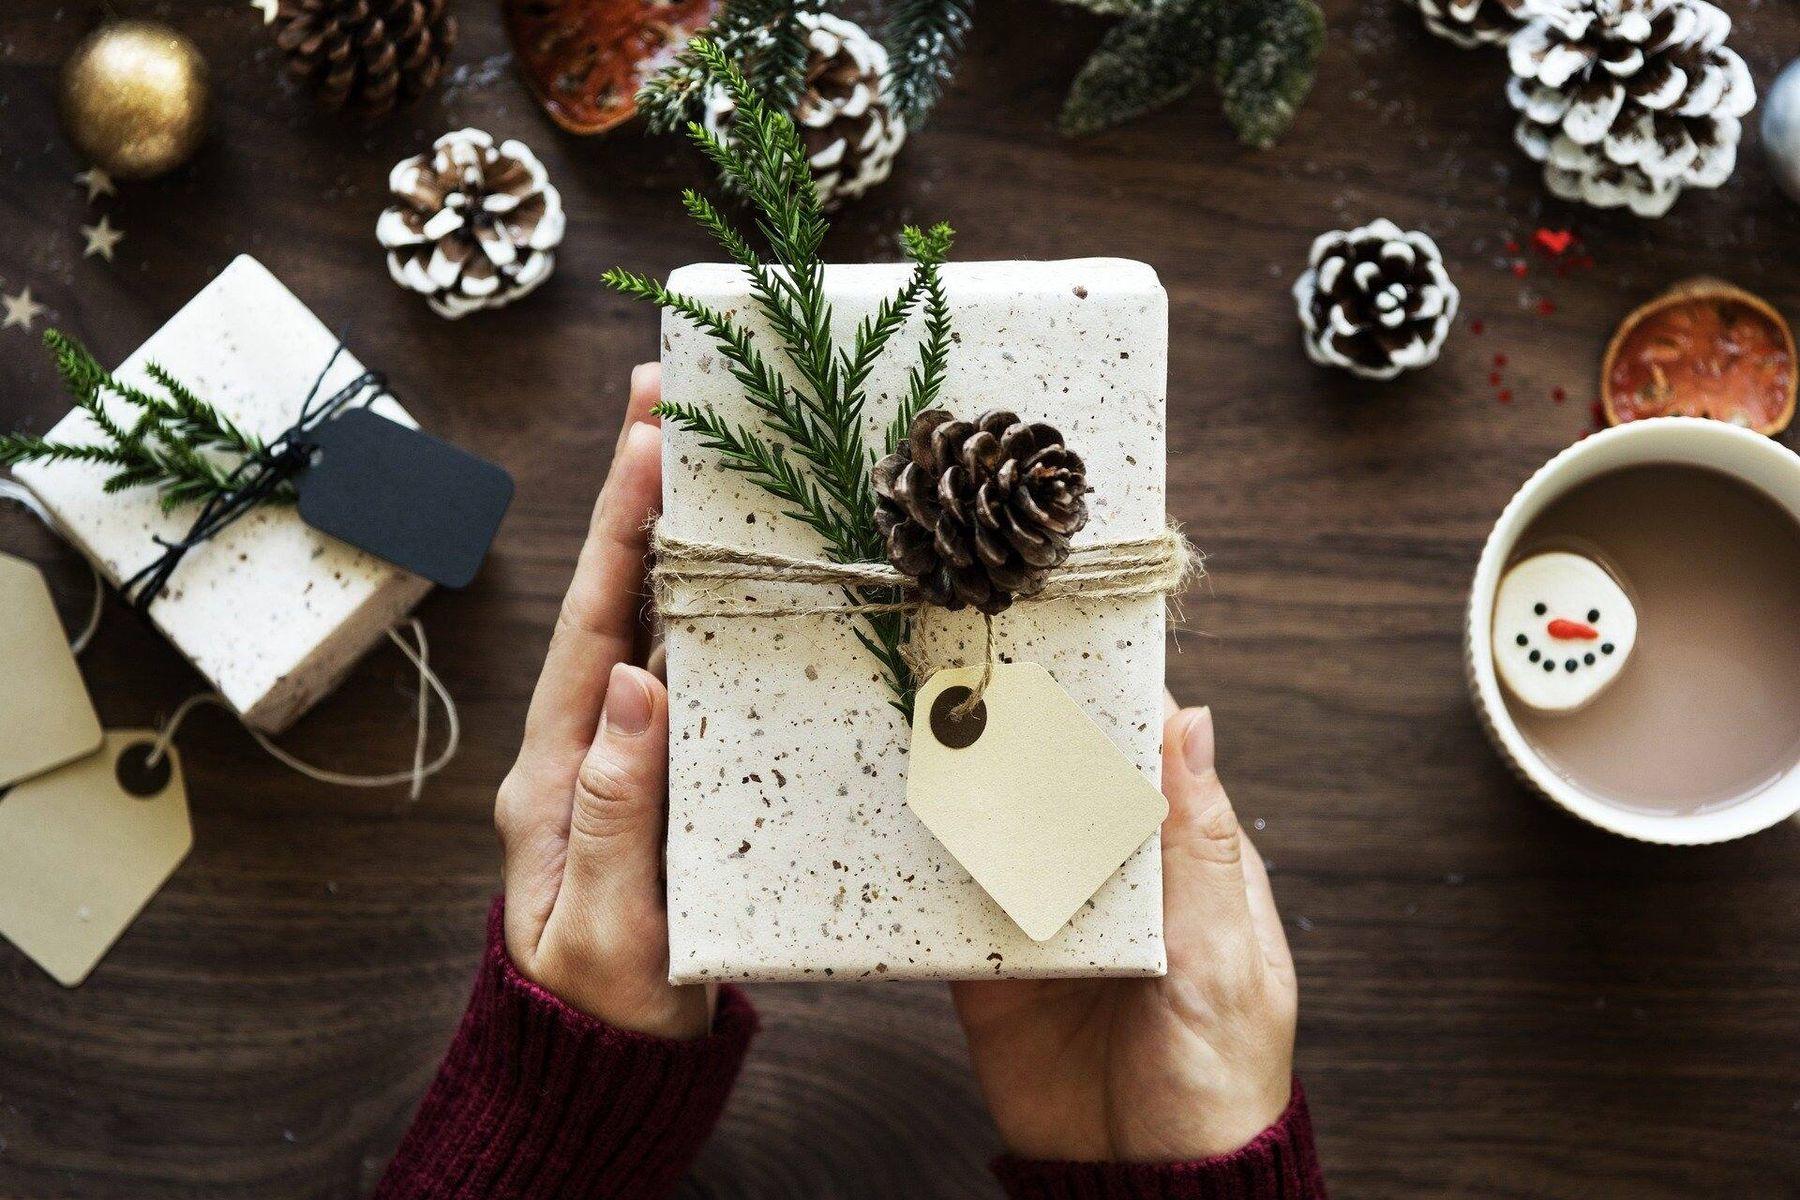 Presente de Natal embalado perto de pinhas e galhos de pinheiro